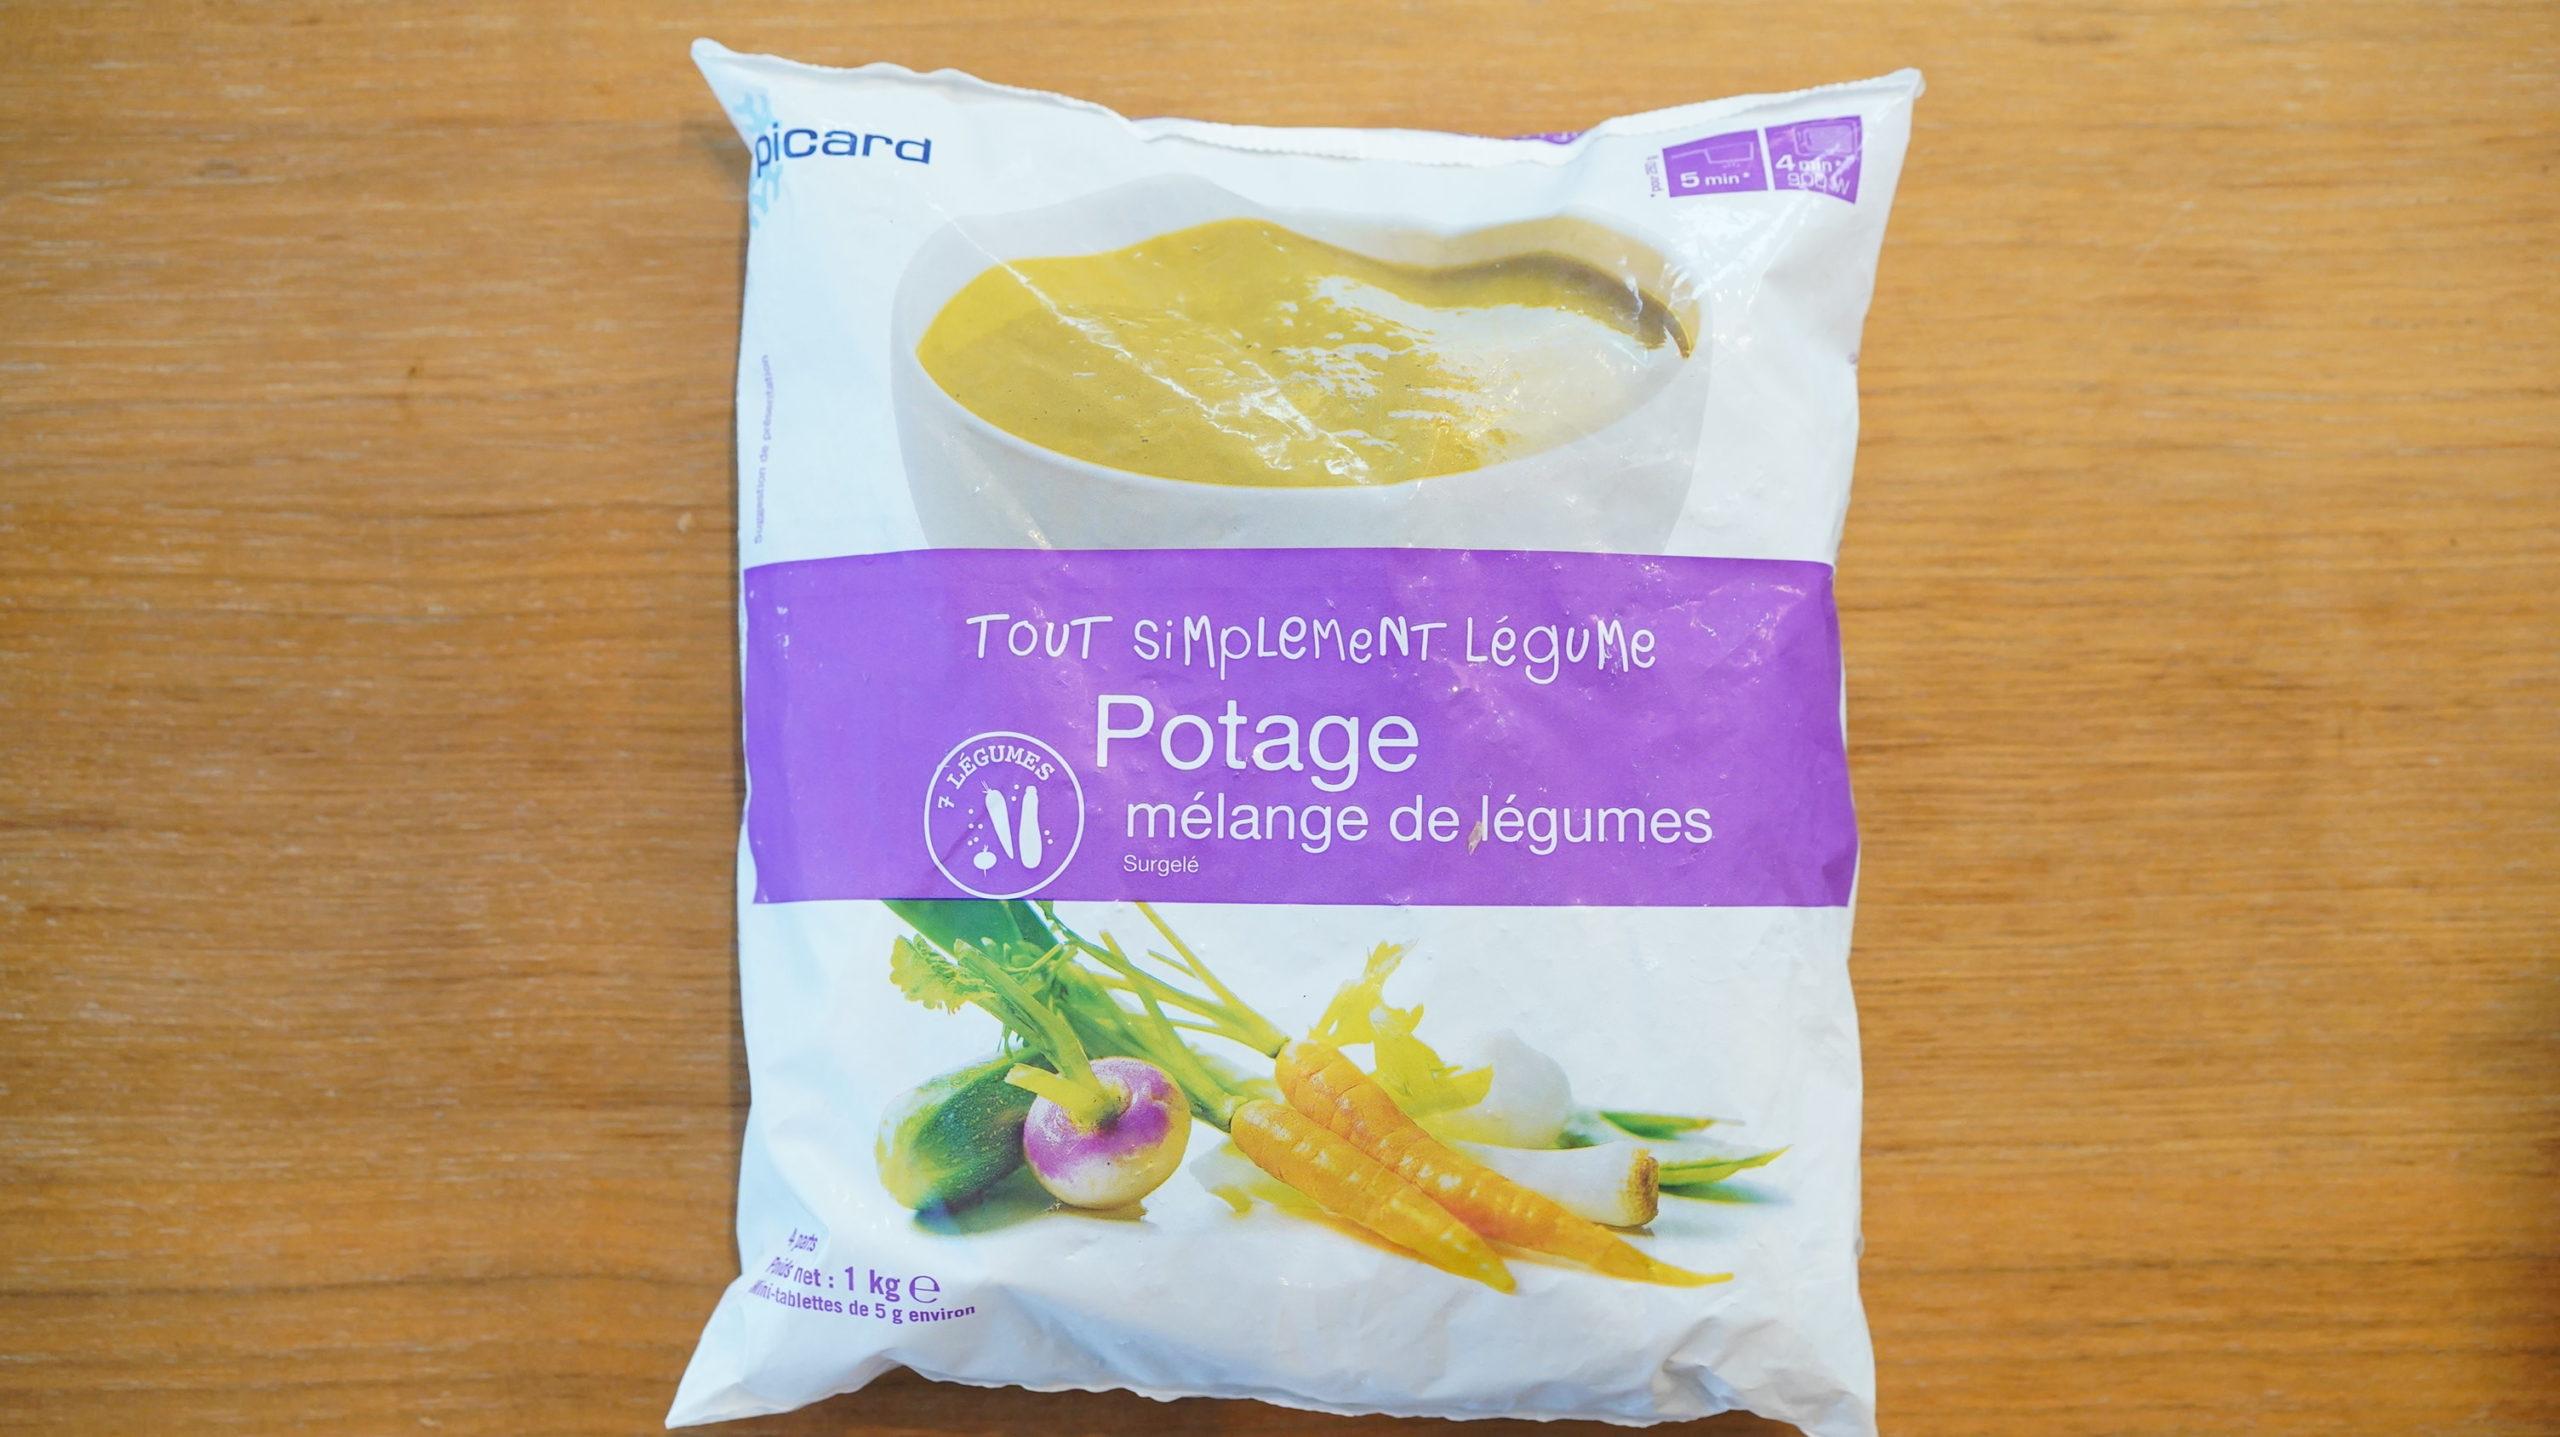 ピカールのおすすめ冷凍食品「ミックス野菜のポタージュ」のパッケージ写真